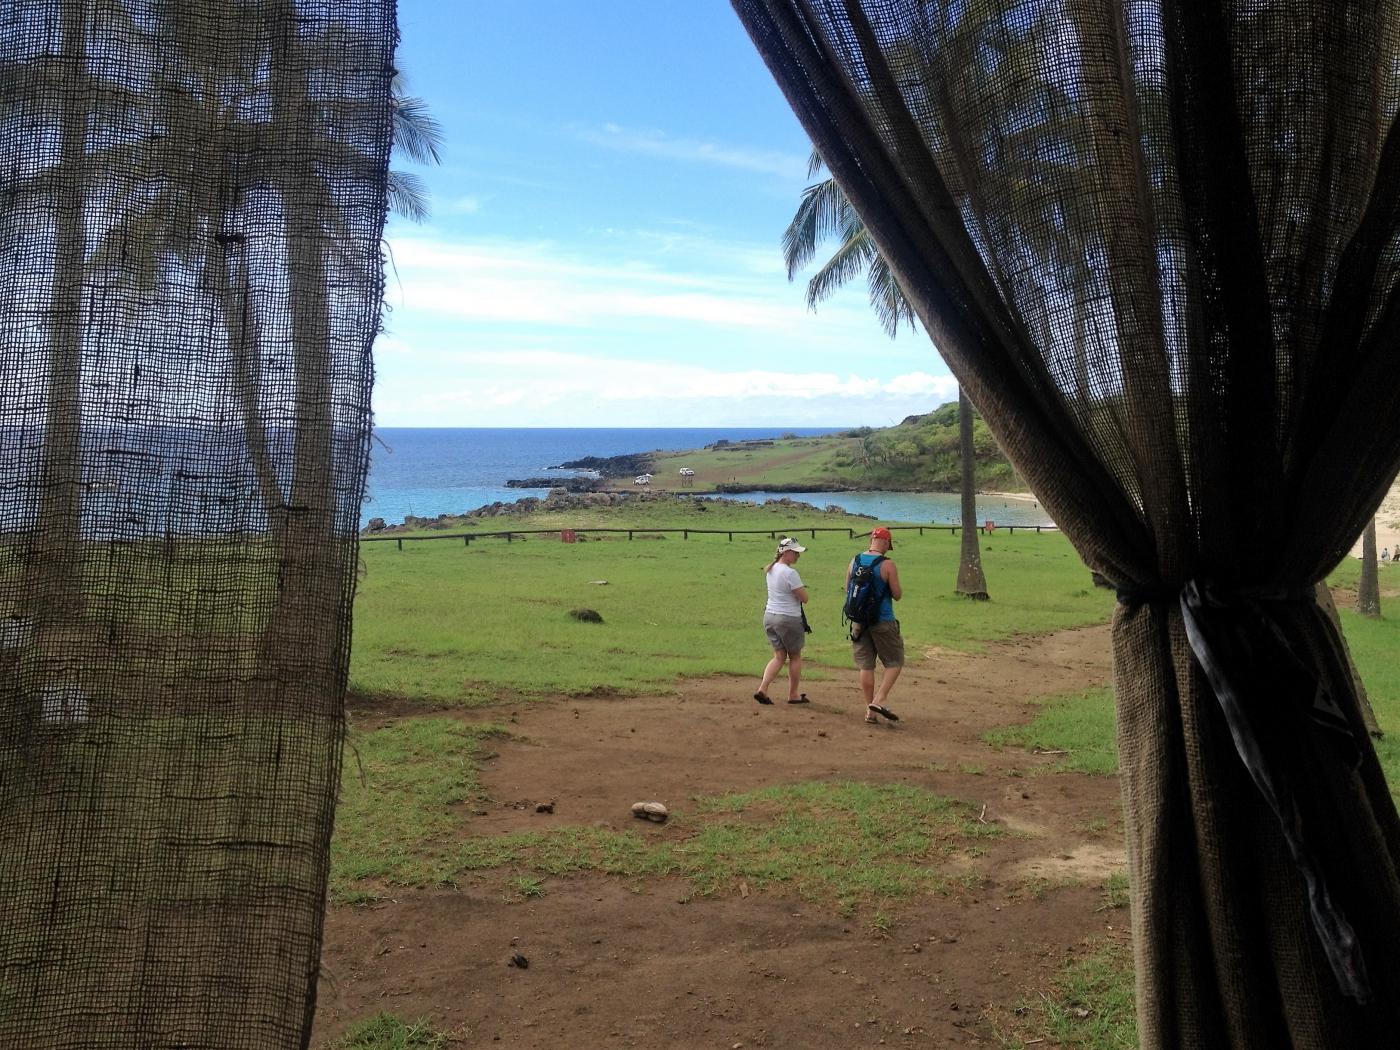 《我行故我在》之《復活節島:南太平洋的神秘之地》_图1-15